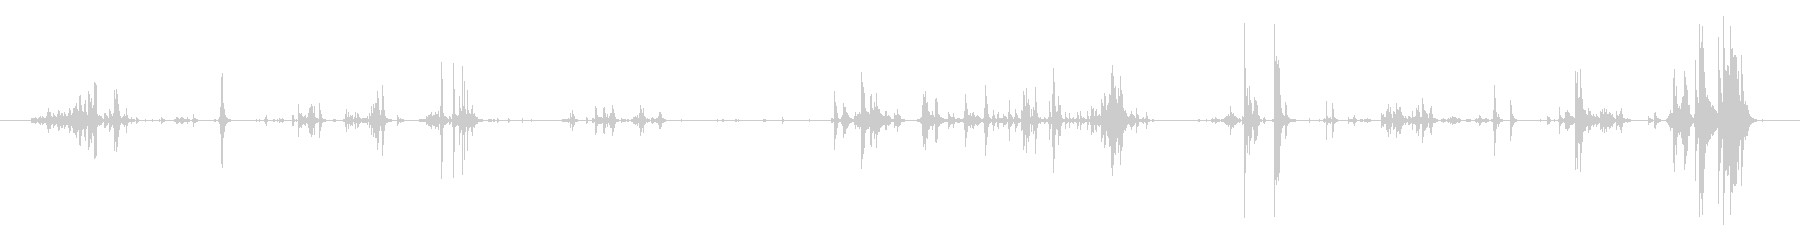 お金 コインビッグクラッターロング07の未再生の波形